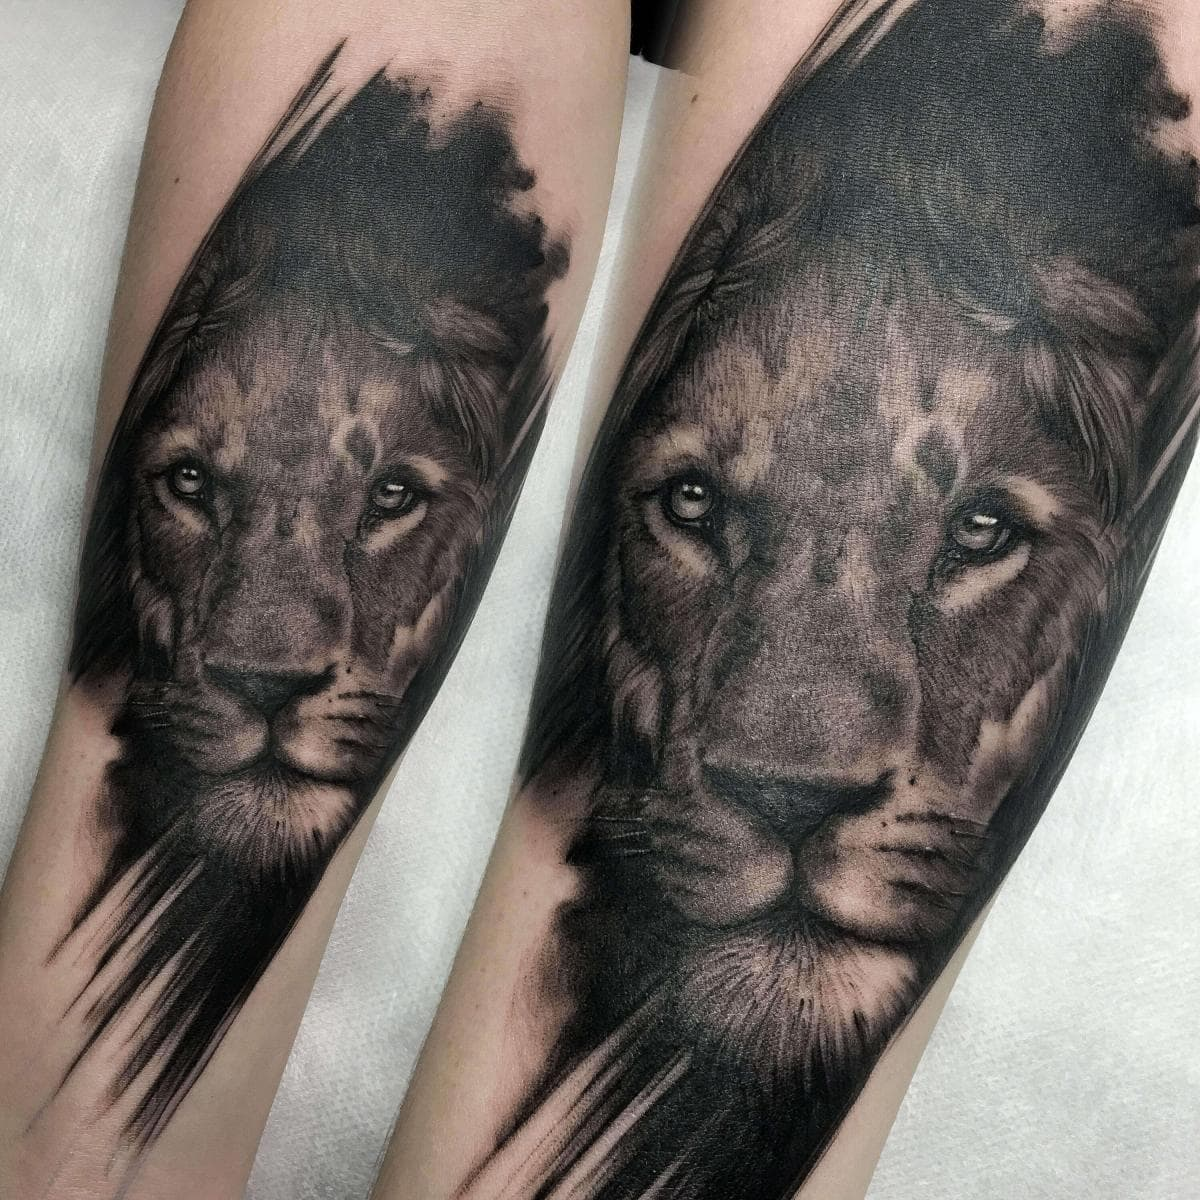 Tatuaż lew - znaczenie i symbolika